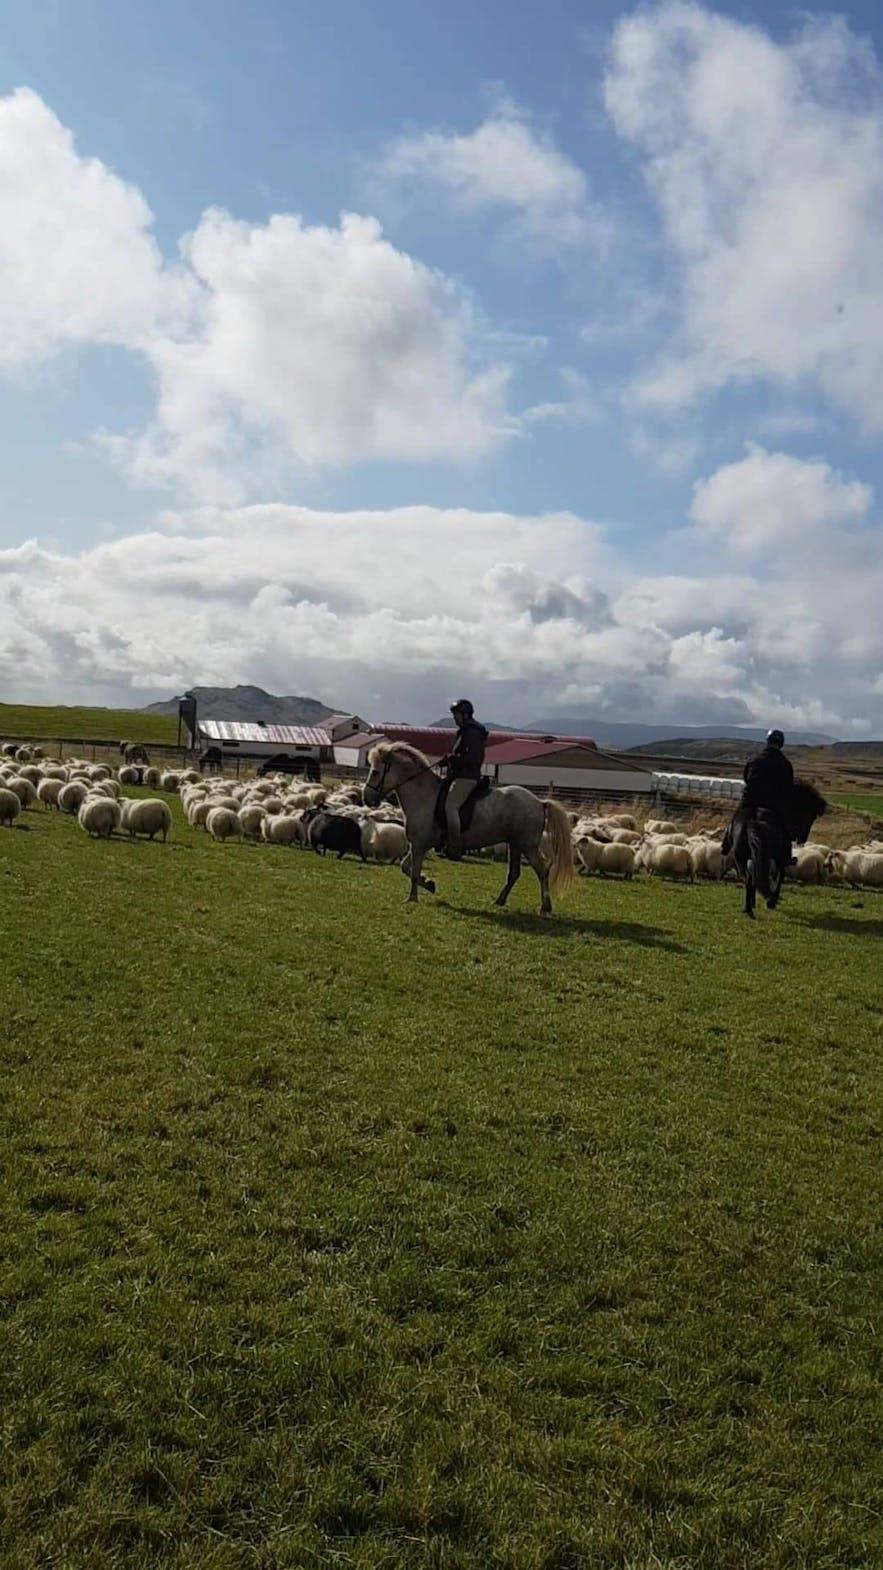 Reiter treiben die isländischen Schafe in Richtung Farm.